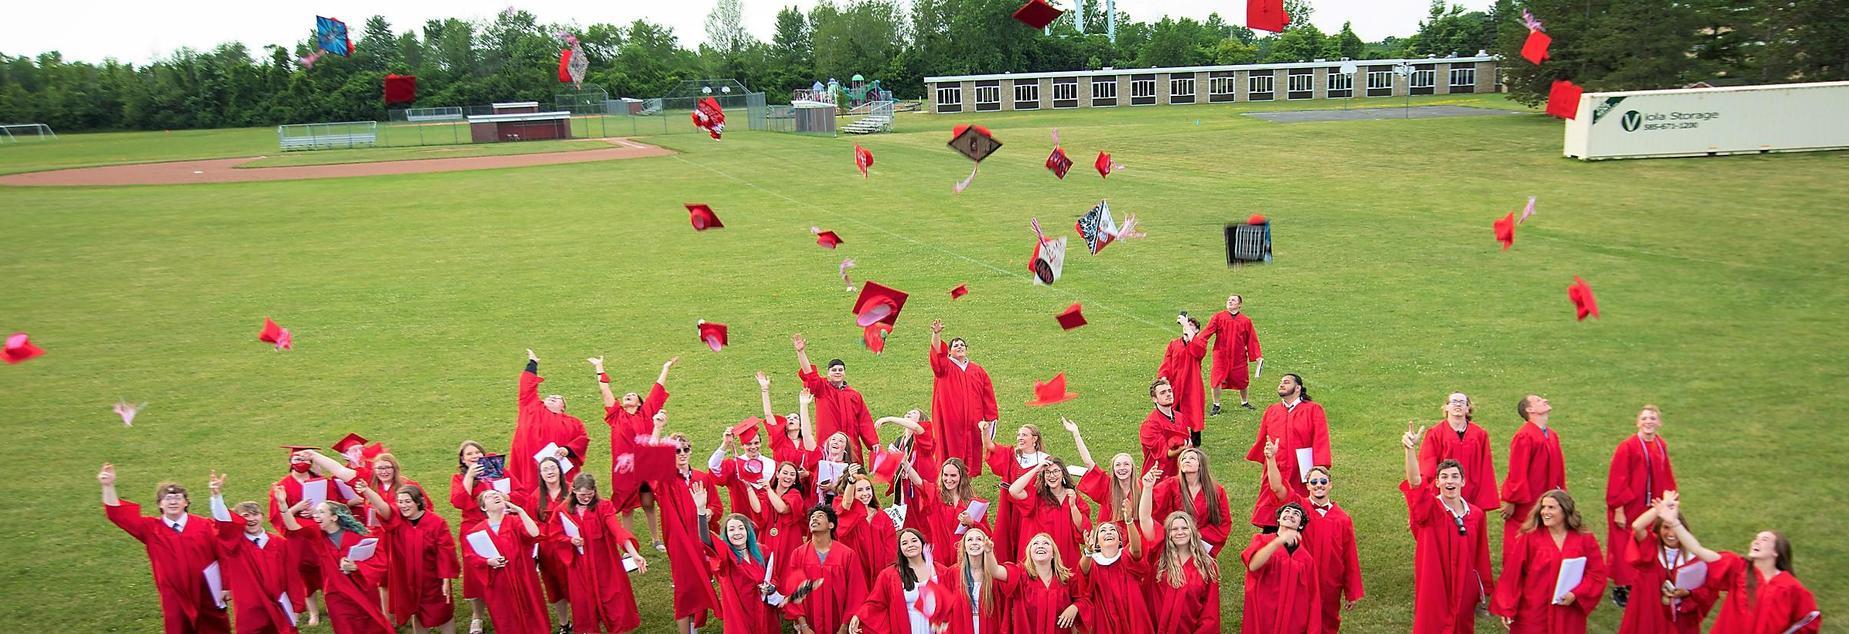 Cap toss at graduation 2021